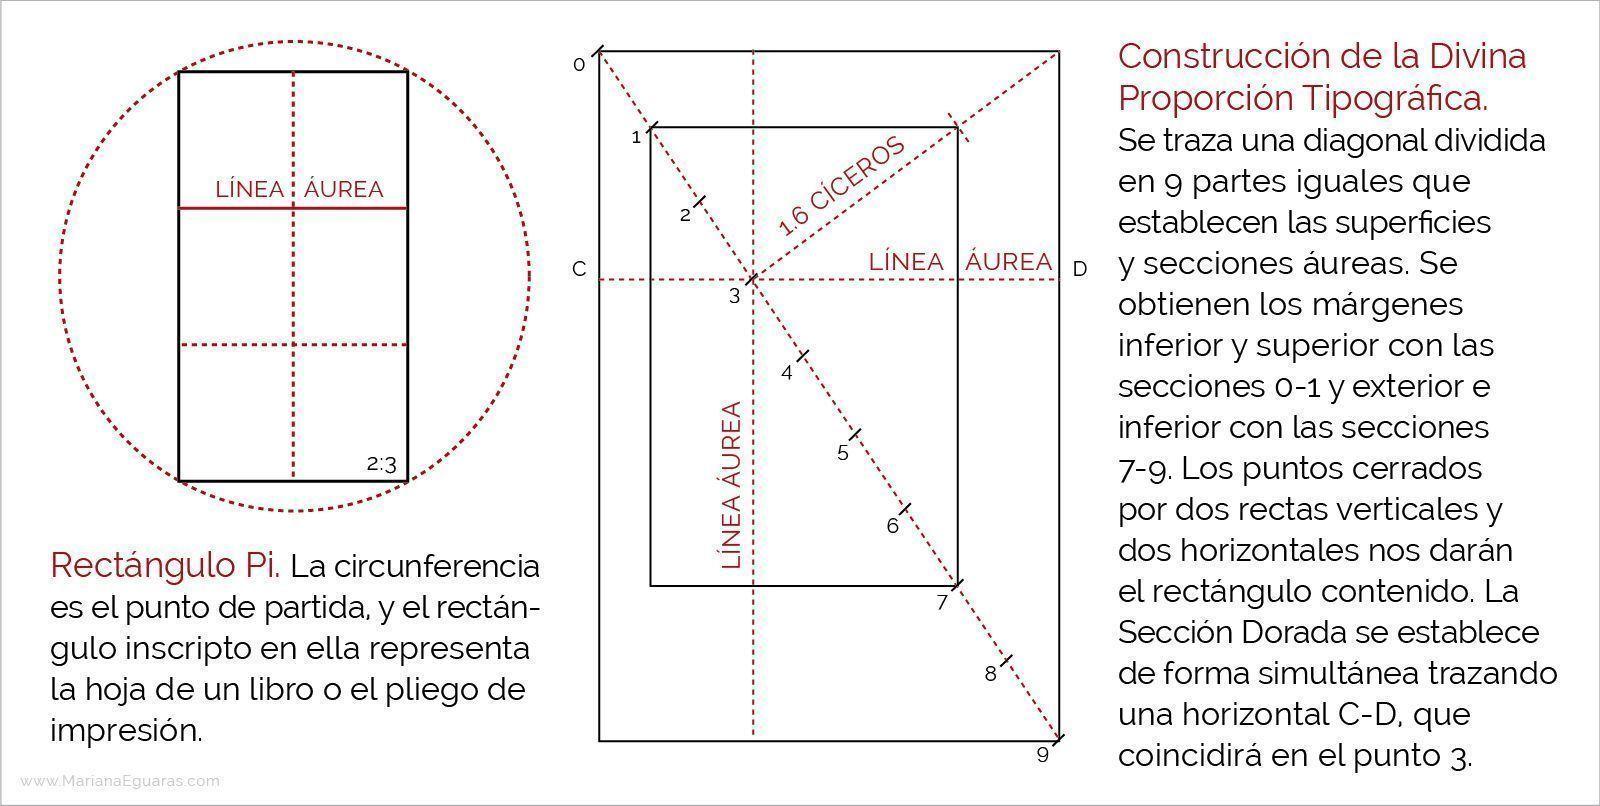 Raúl Rosarivo y el canon ternario en los libros renacentistas - Rectángulo Pi y construcción de la Divina Proporción Tipográfica.